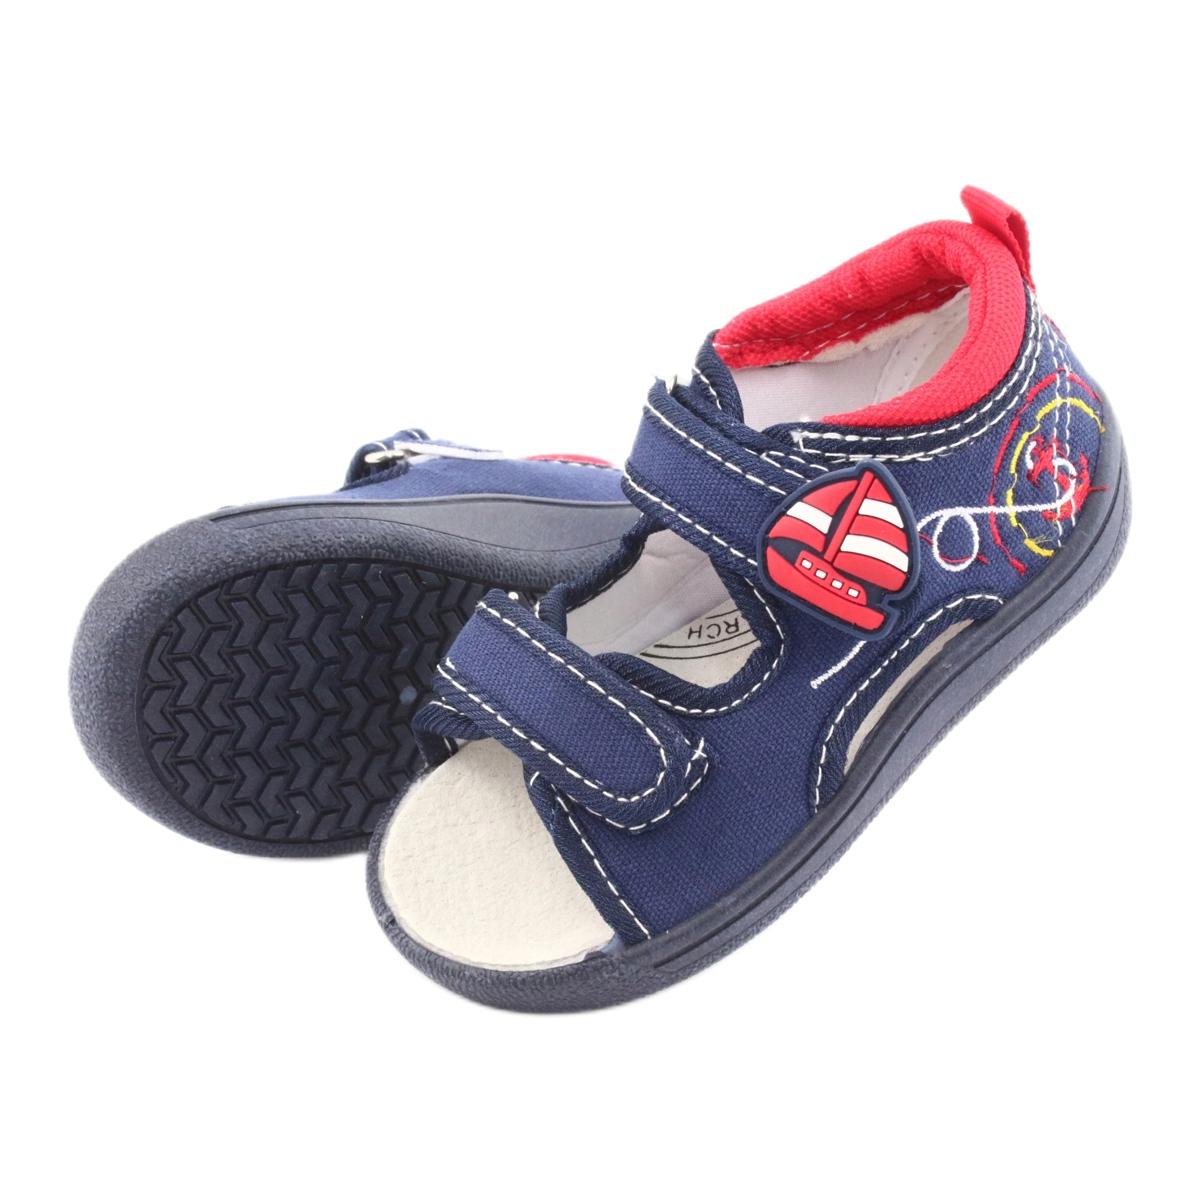 9460ebcc85 Dettagli su American Club Sottopiede in pelle per scarpe da bambino con  sandali americani